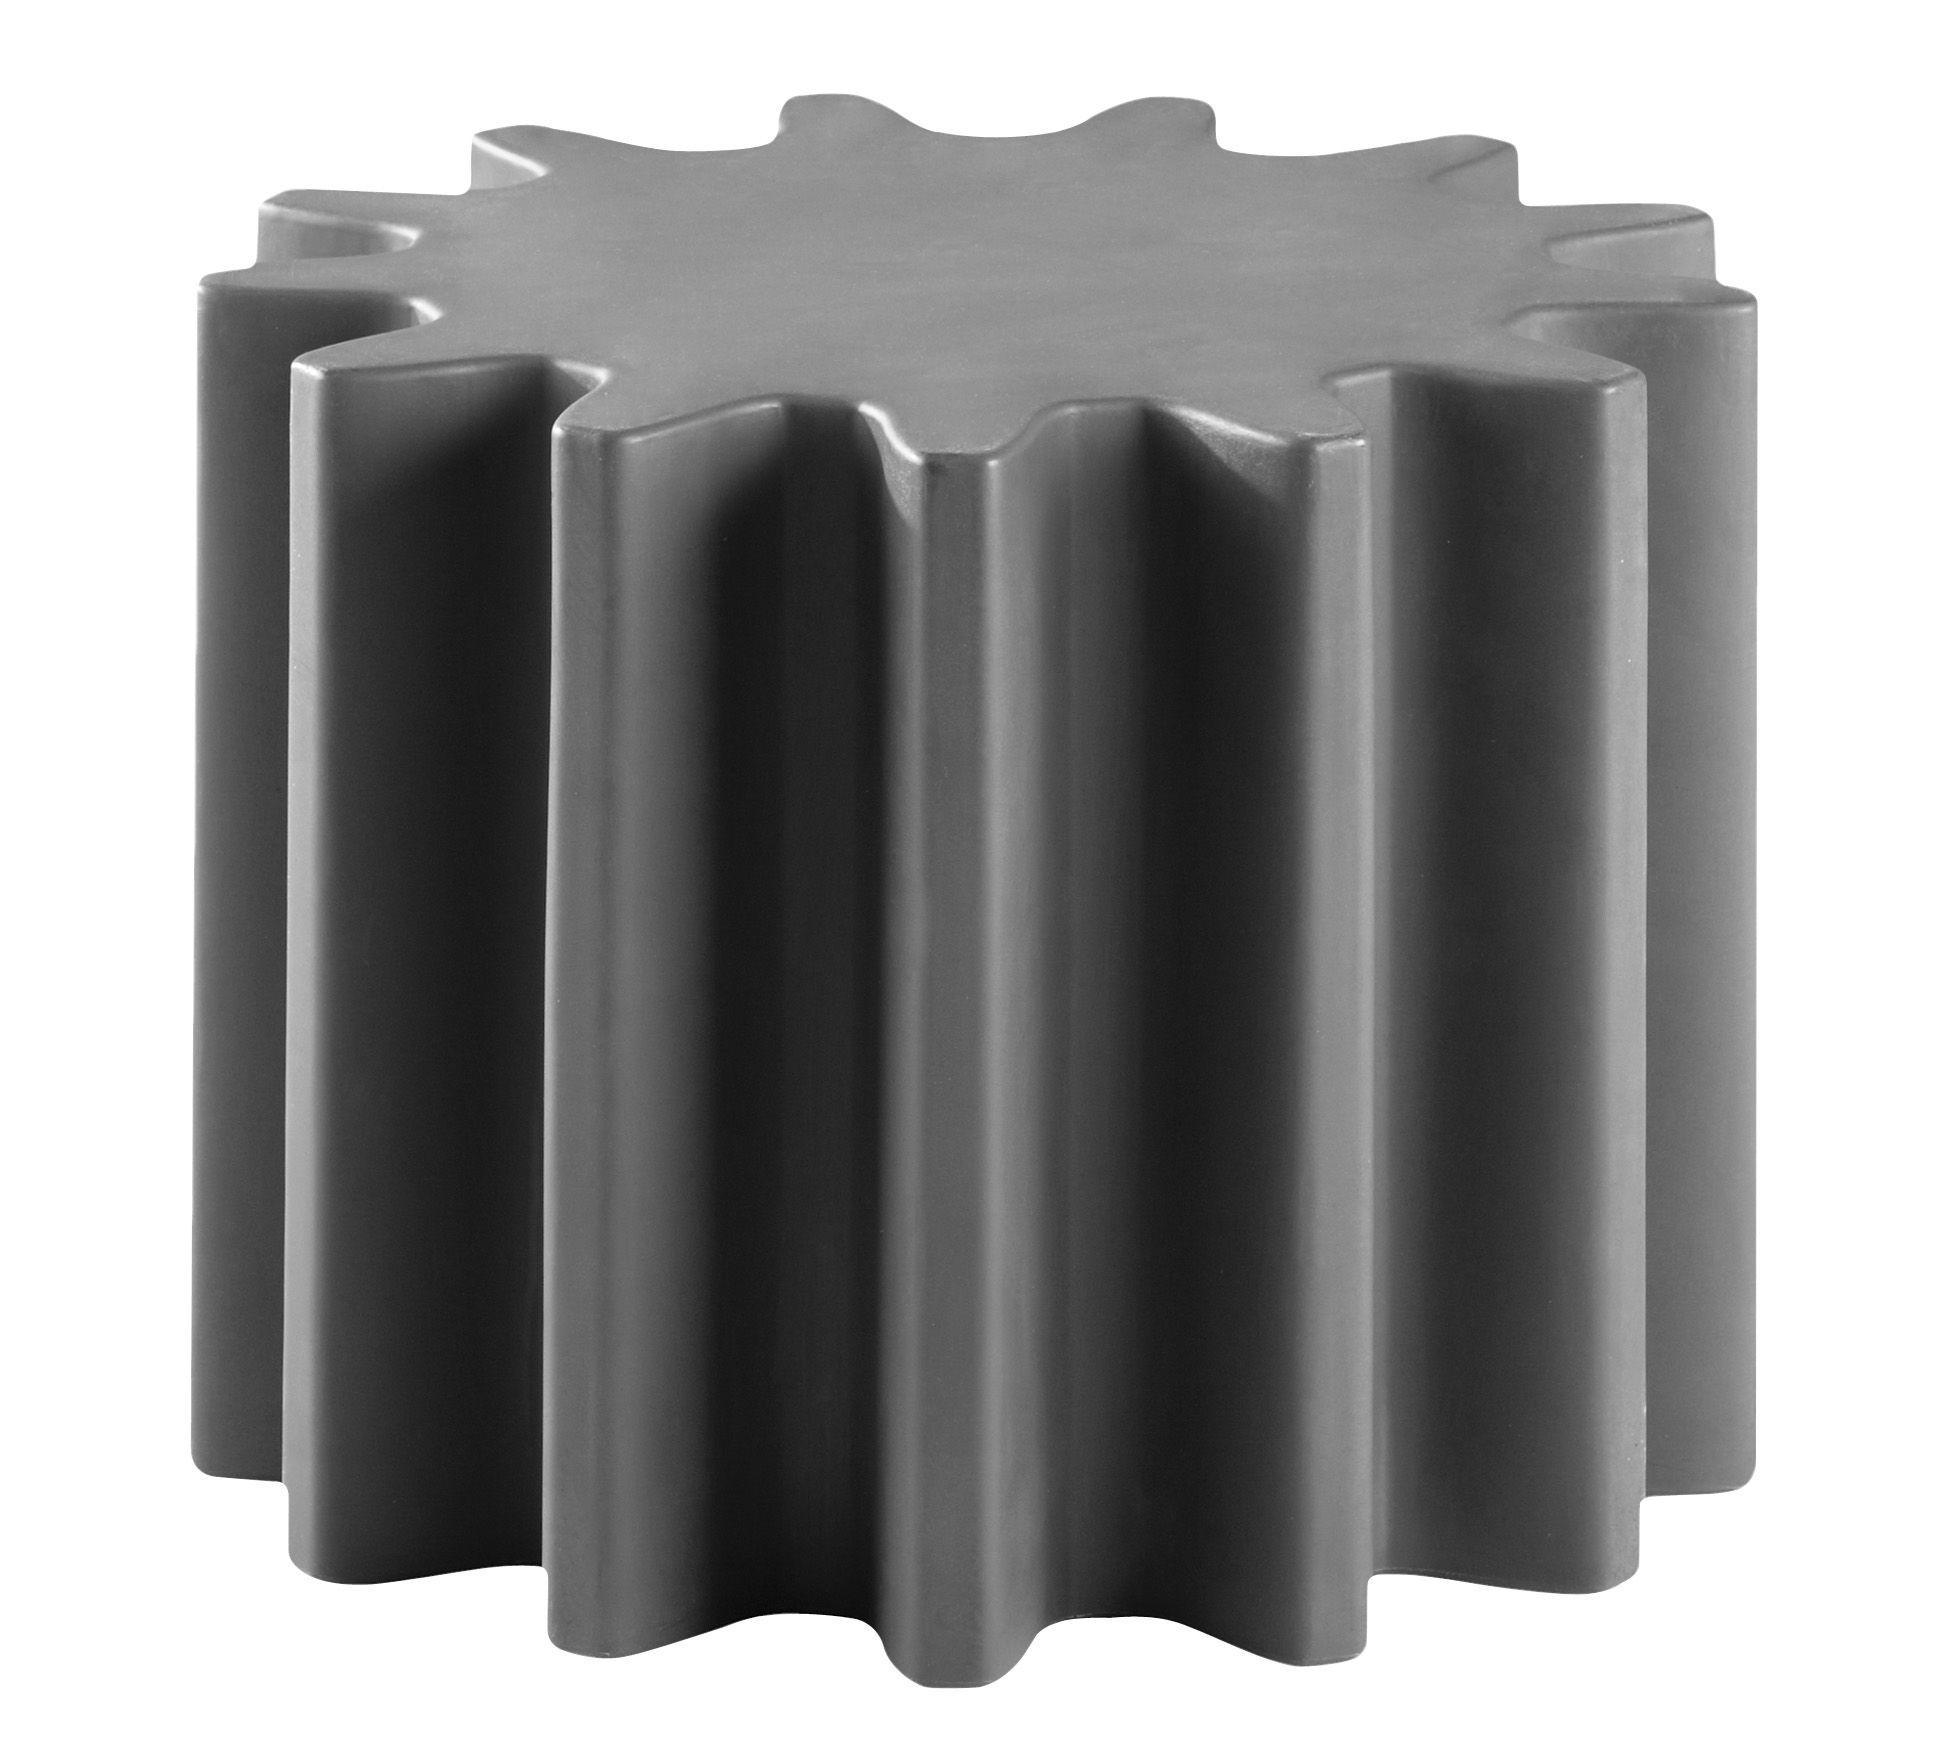 Möbel - Couchtische - Gear Couchtisch /Hocker - Slide - Grau - polyéthène recyclable